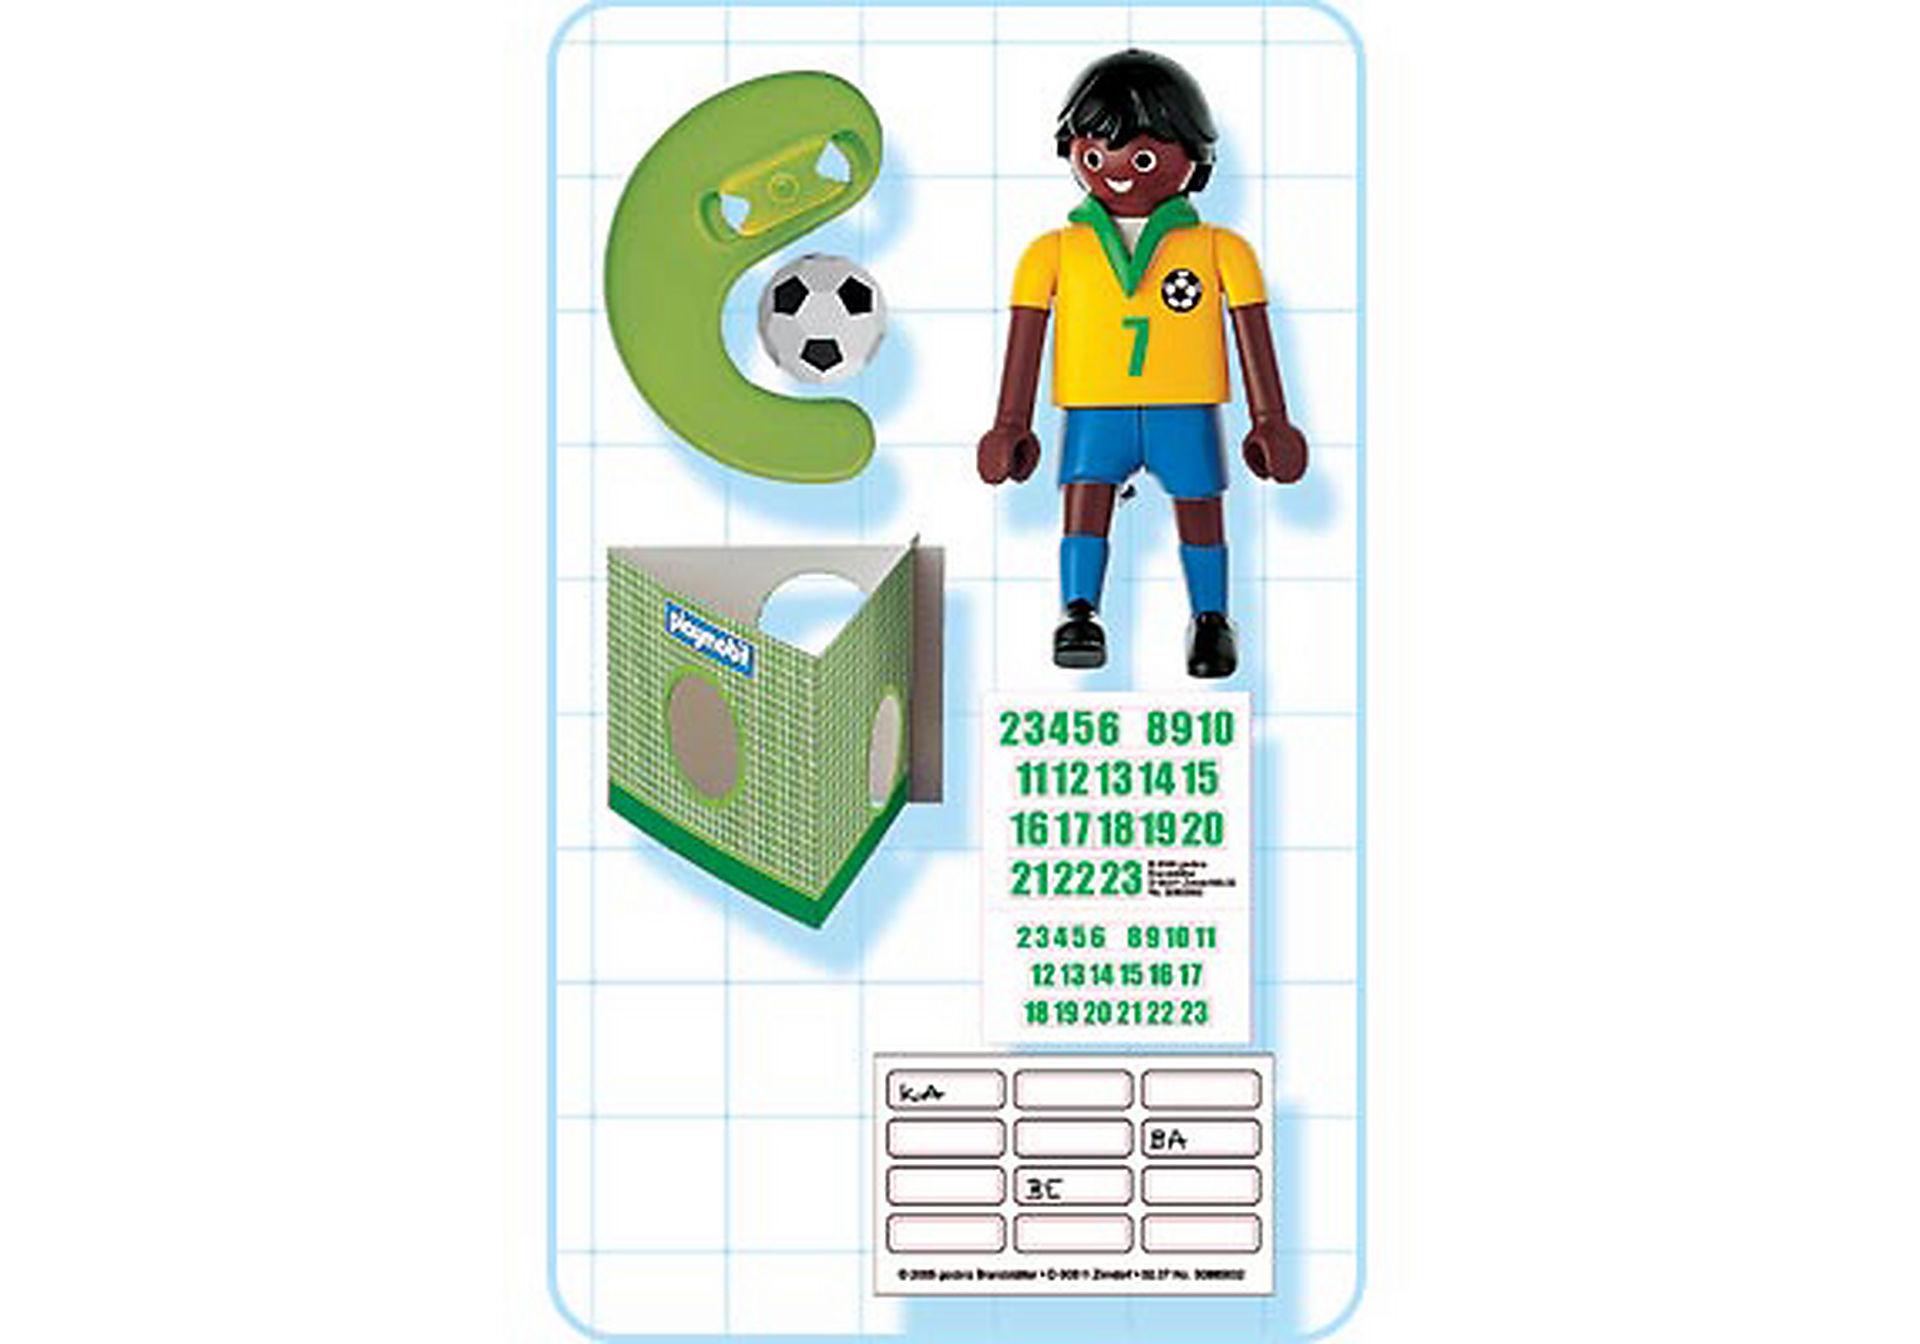 4707-A Joueur brésilien zoom image2